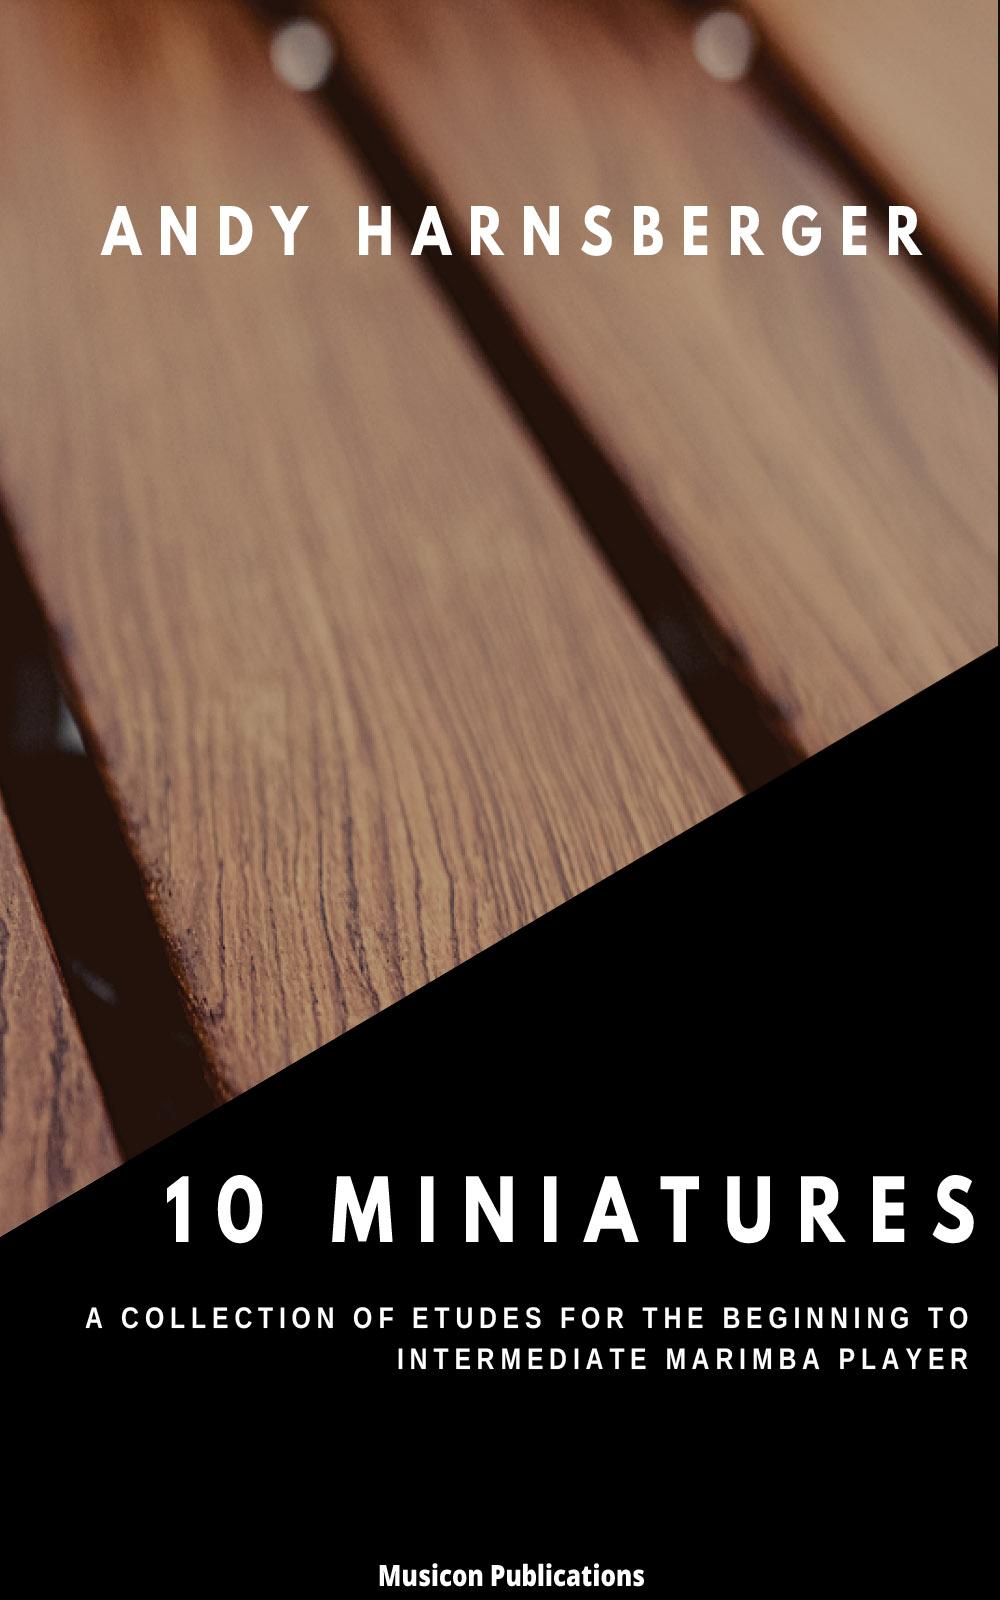 10 Miniatures Cover - closeup of marimba bars